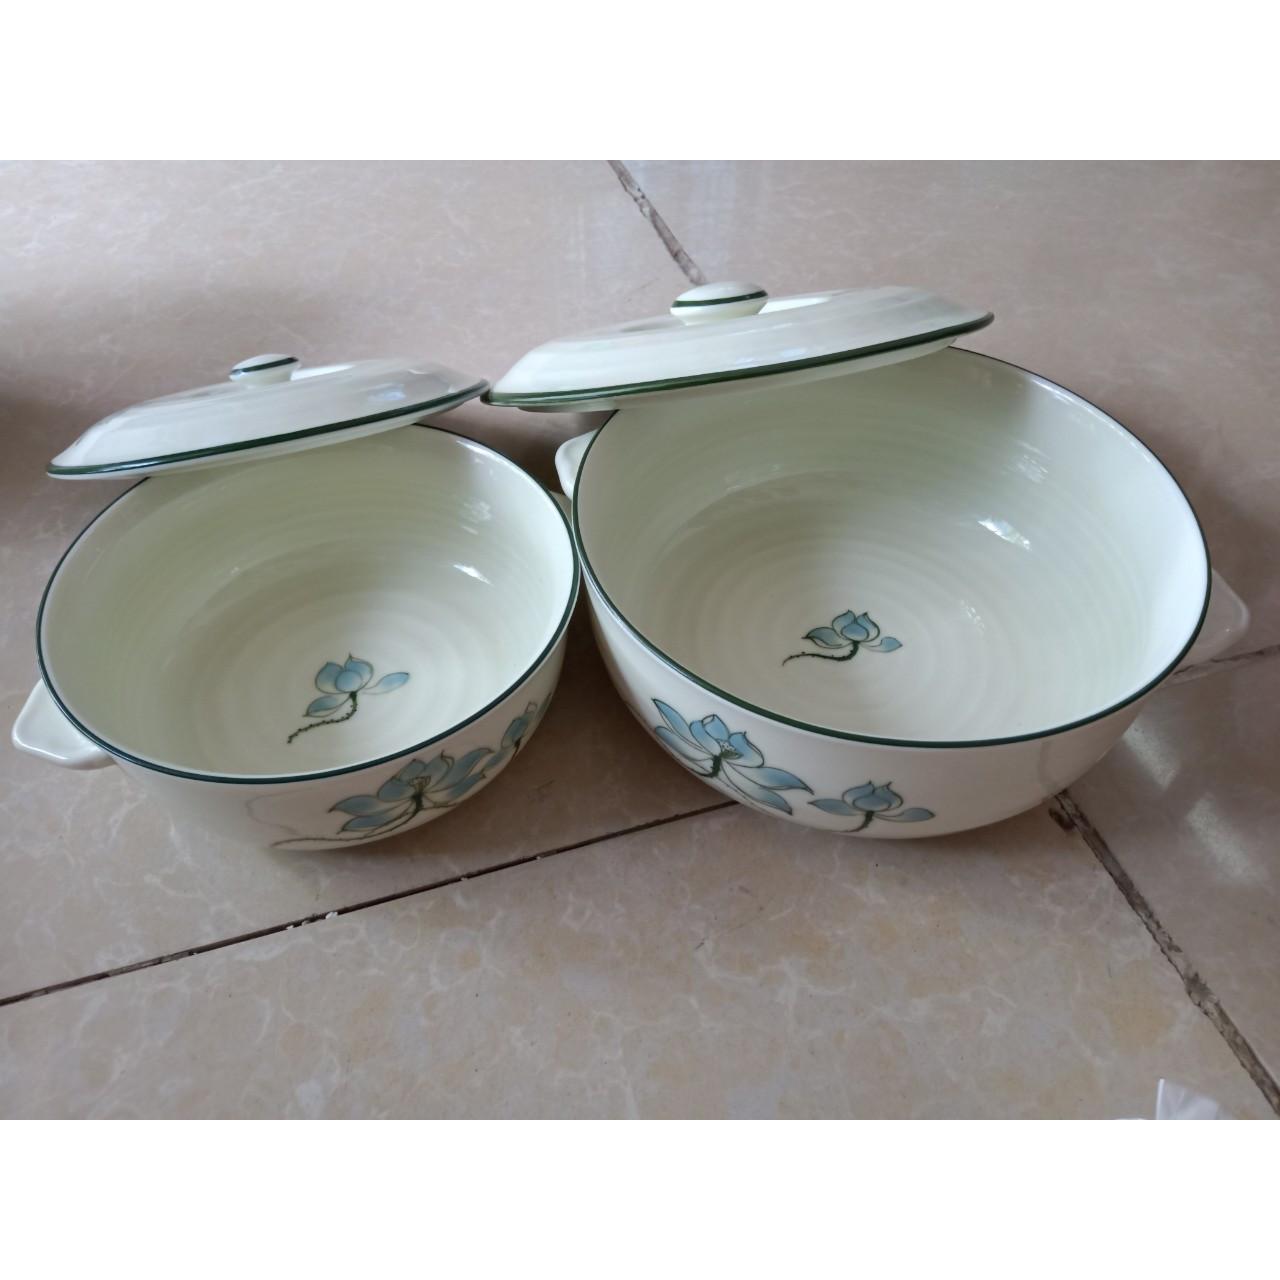 02 sản phẩm âu đựng cơm canh gốm sứ Bát Tràng